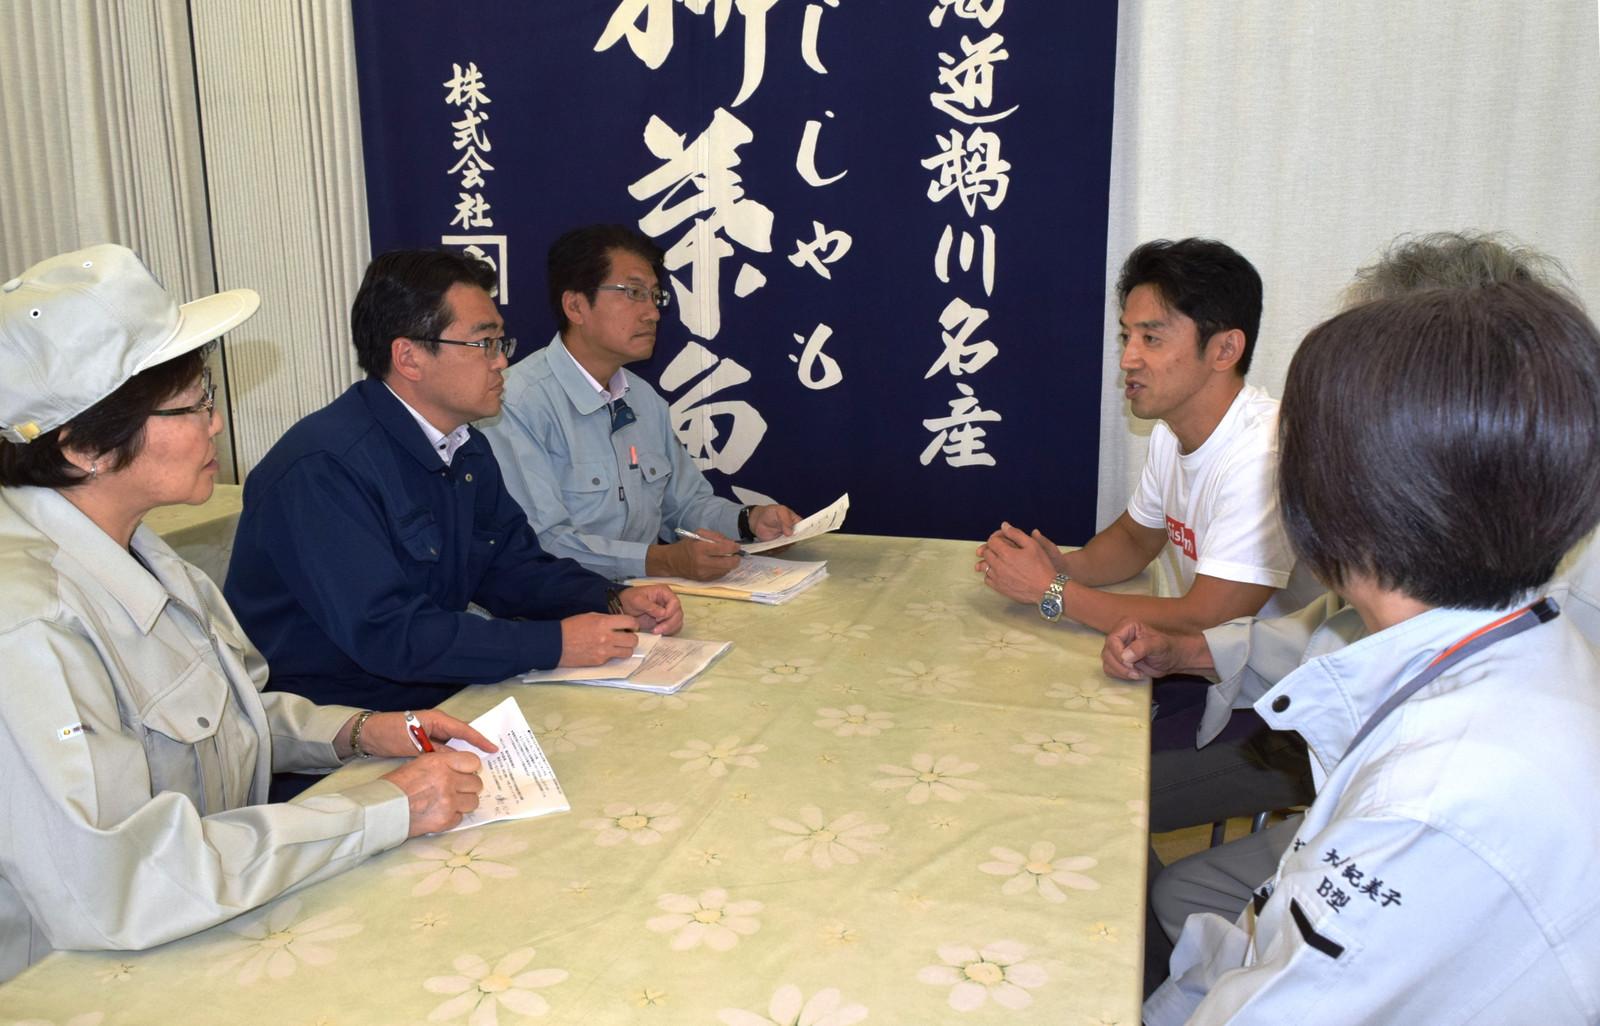 話を聞く(左から)真下、畠山、田村の各氏ら=13日、北海道むかわ町